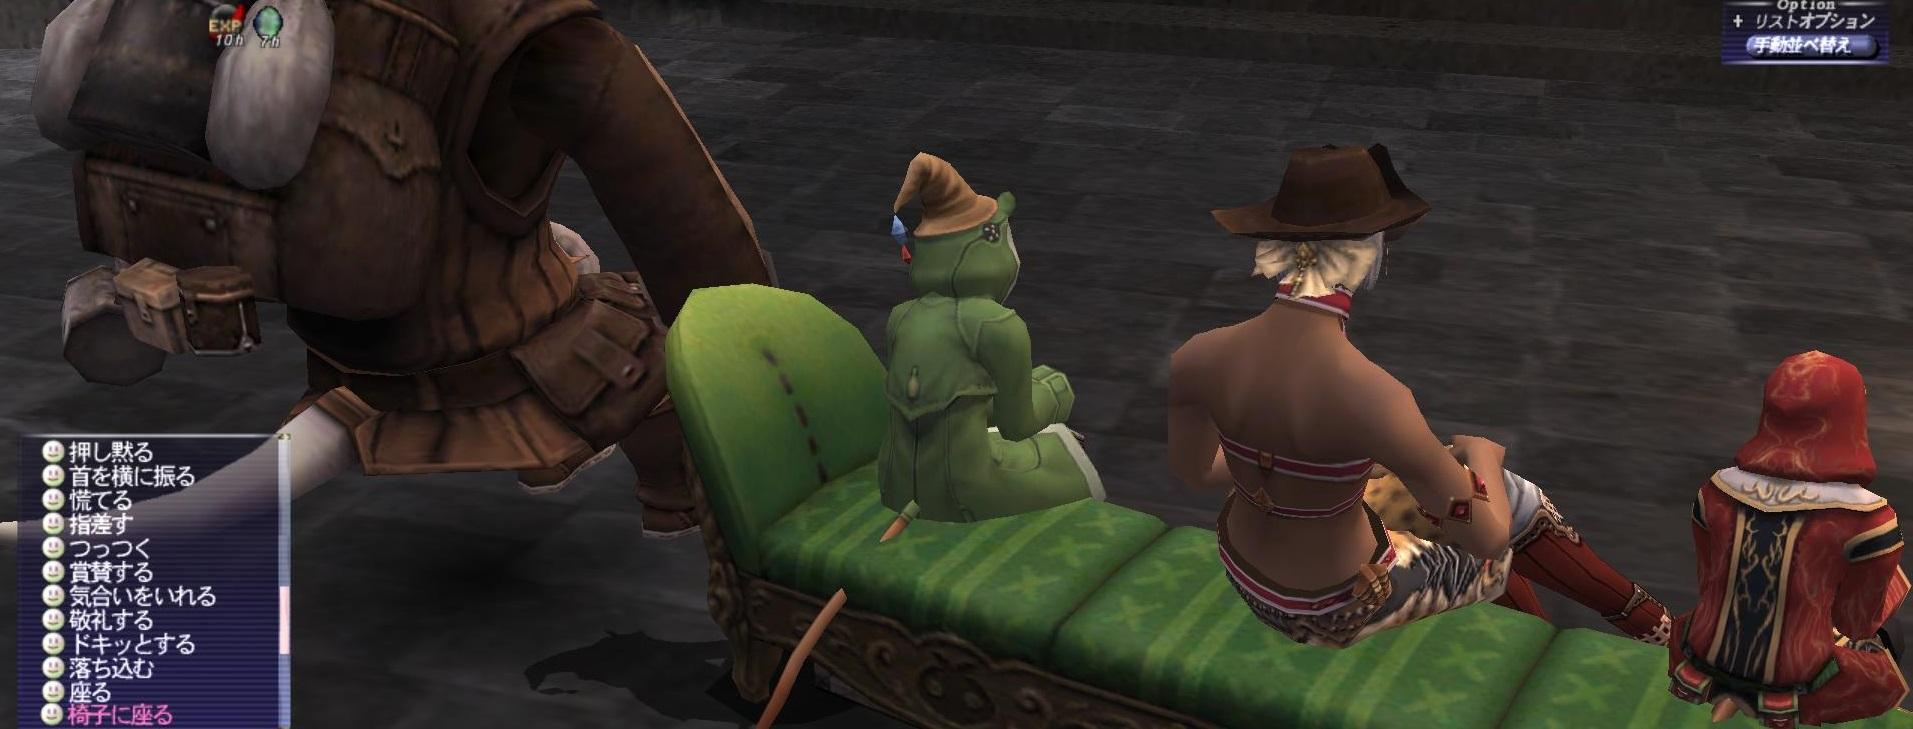 長椅子にお邪魔する